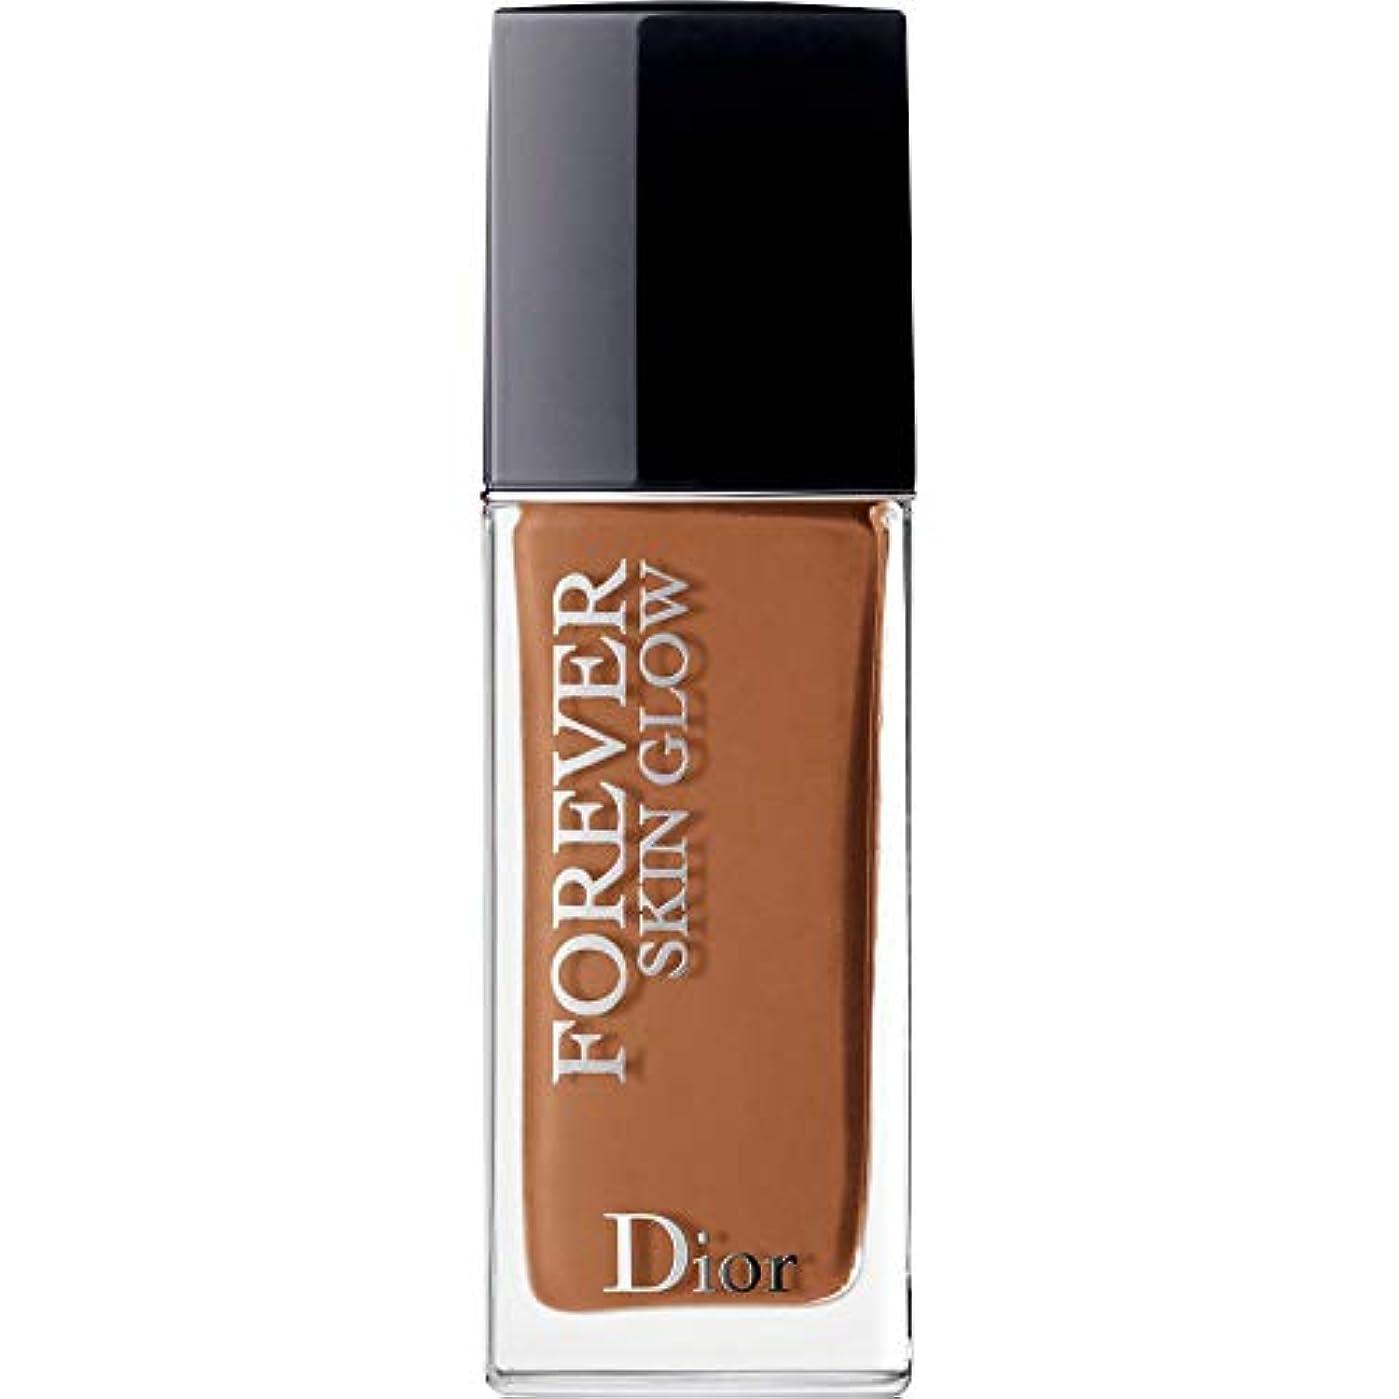 有限石油適合しました[Dior ] ディオール永遠に皮膚グロー皮膚思いやりの基礎Spf35 30ミリリットルの6N - ニュートラル(肌の輝き) - DIOR Forever Skin Glow Skin-Caring Foundation...